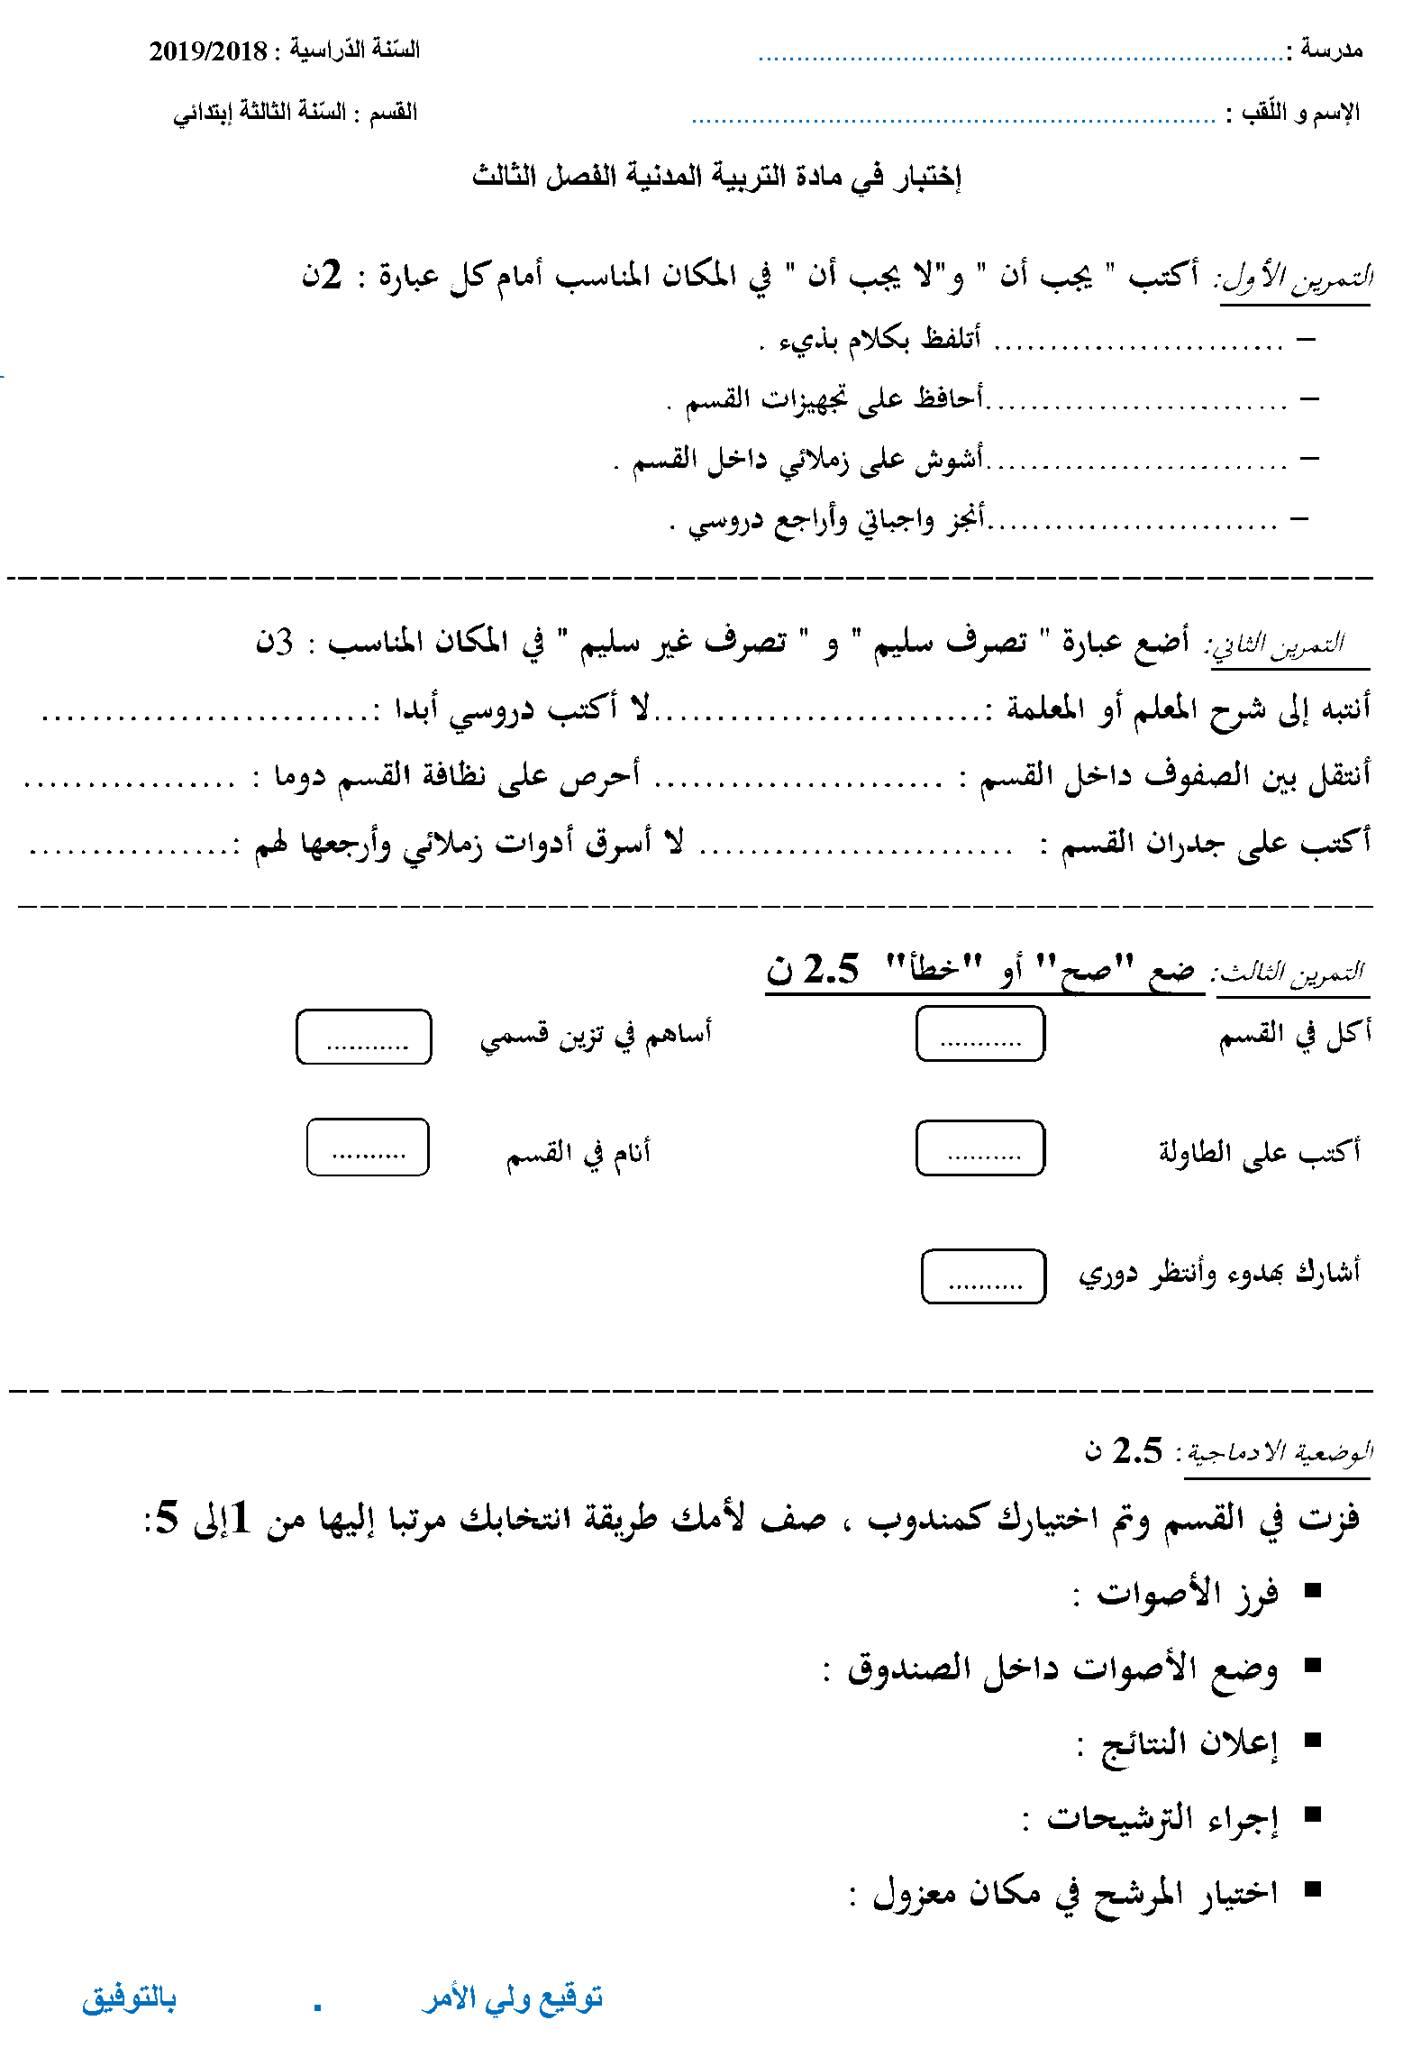 اختبار الفصل الثالث في التربية المدنية | السنة الثالثة ابتدائي | الموضوع 01